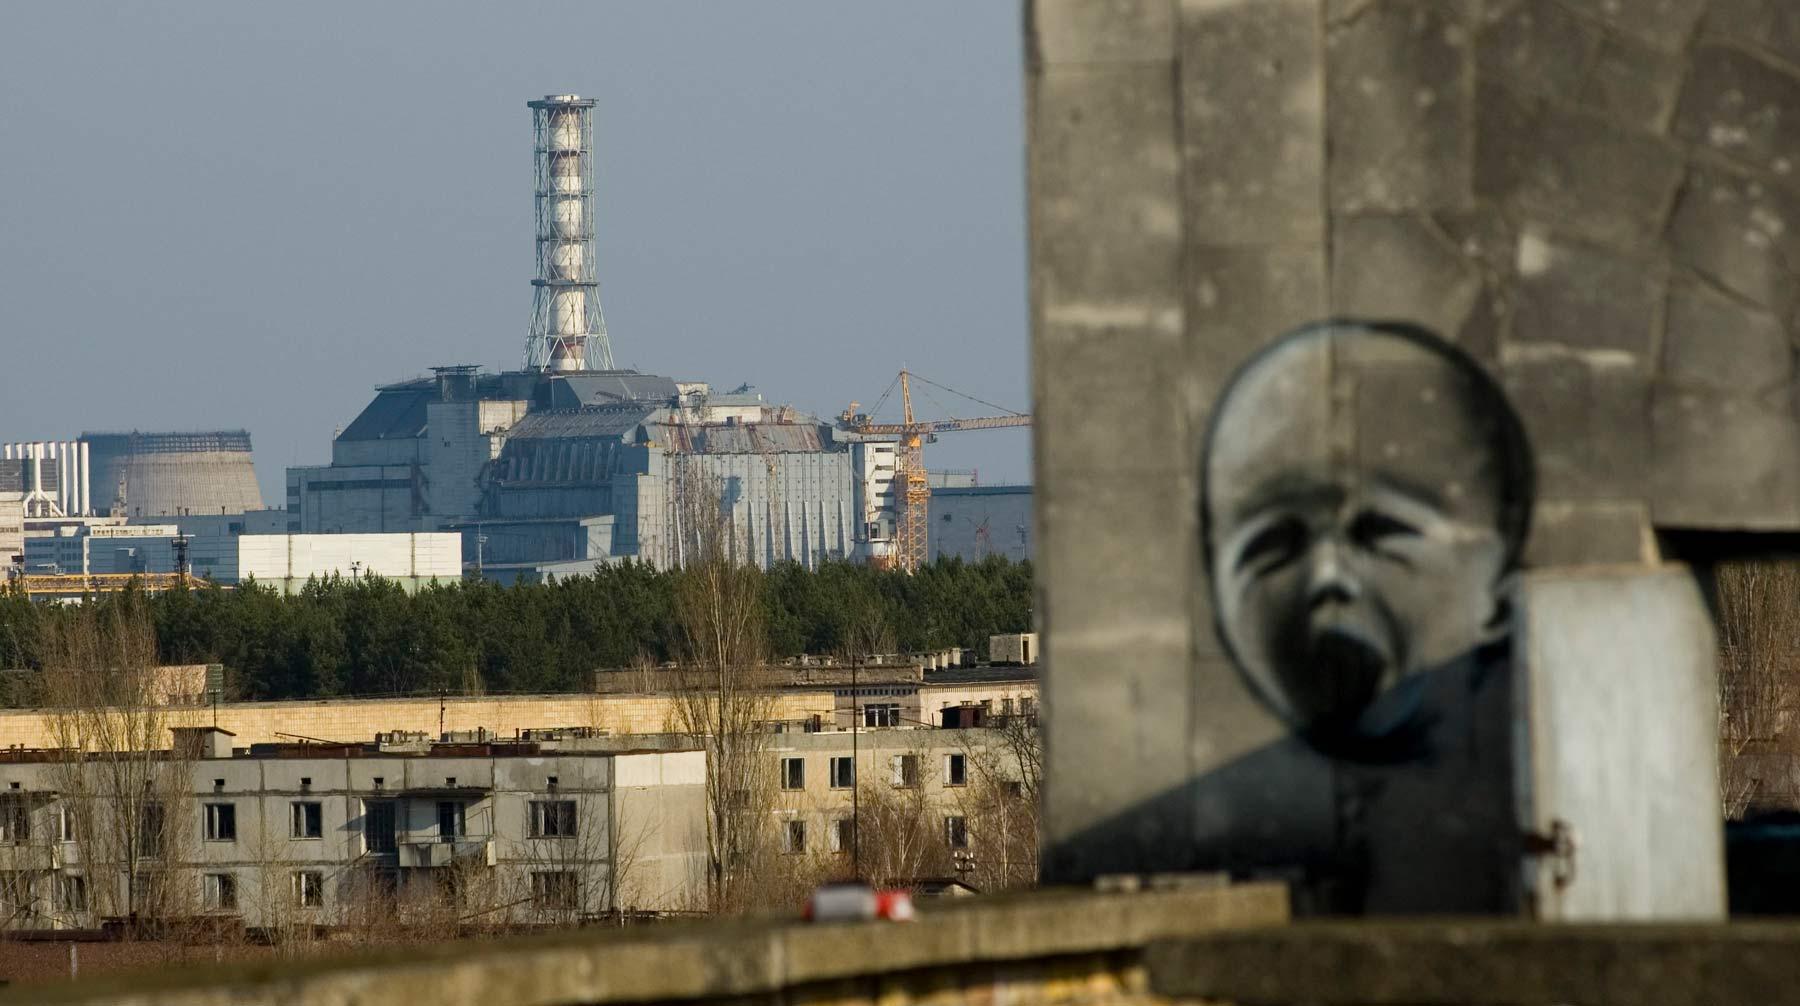 атомная электростанция в чернобыле